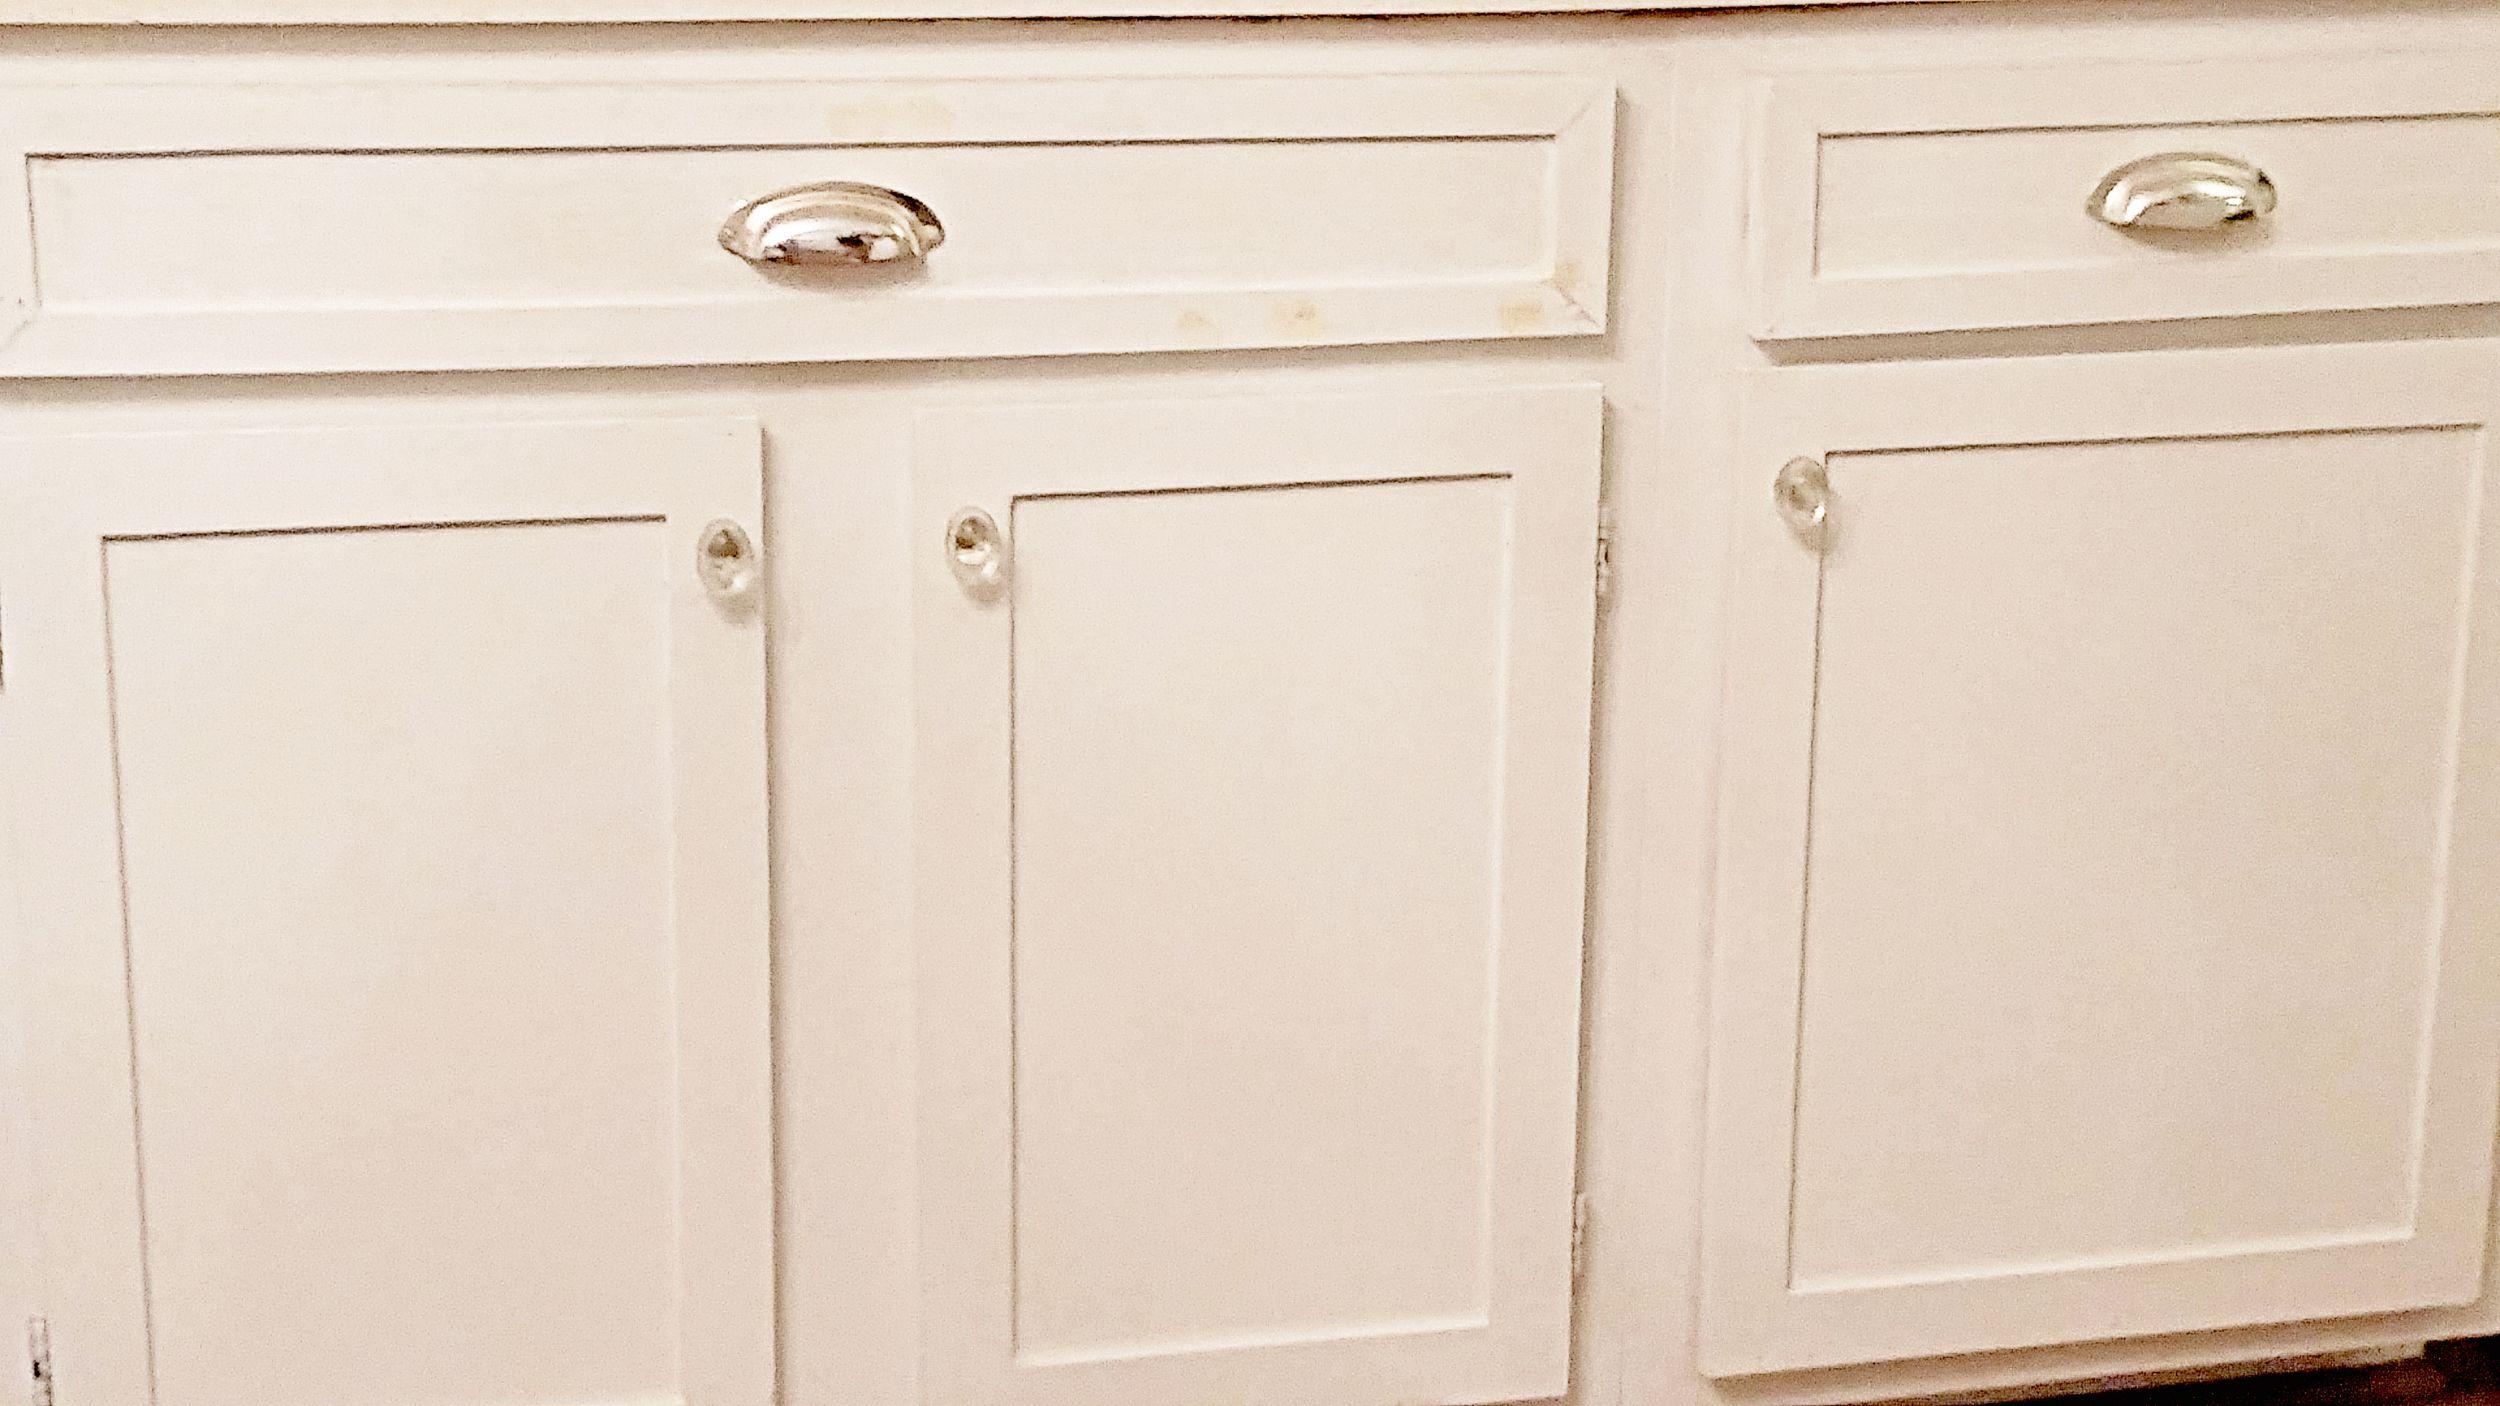 Elizabeth Burns Design Diy Shaker Trim Update Flat Panel Cabinets 50s Cabinet Makeover Before A Cabinet Trim Flat Panel Cabinets Kitchen Cabinets Makeover